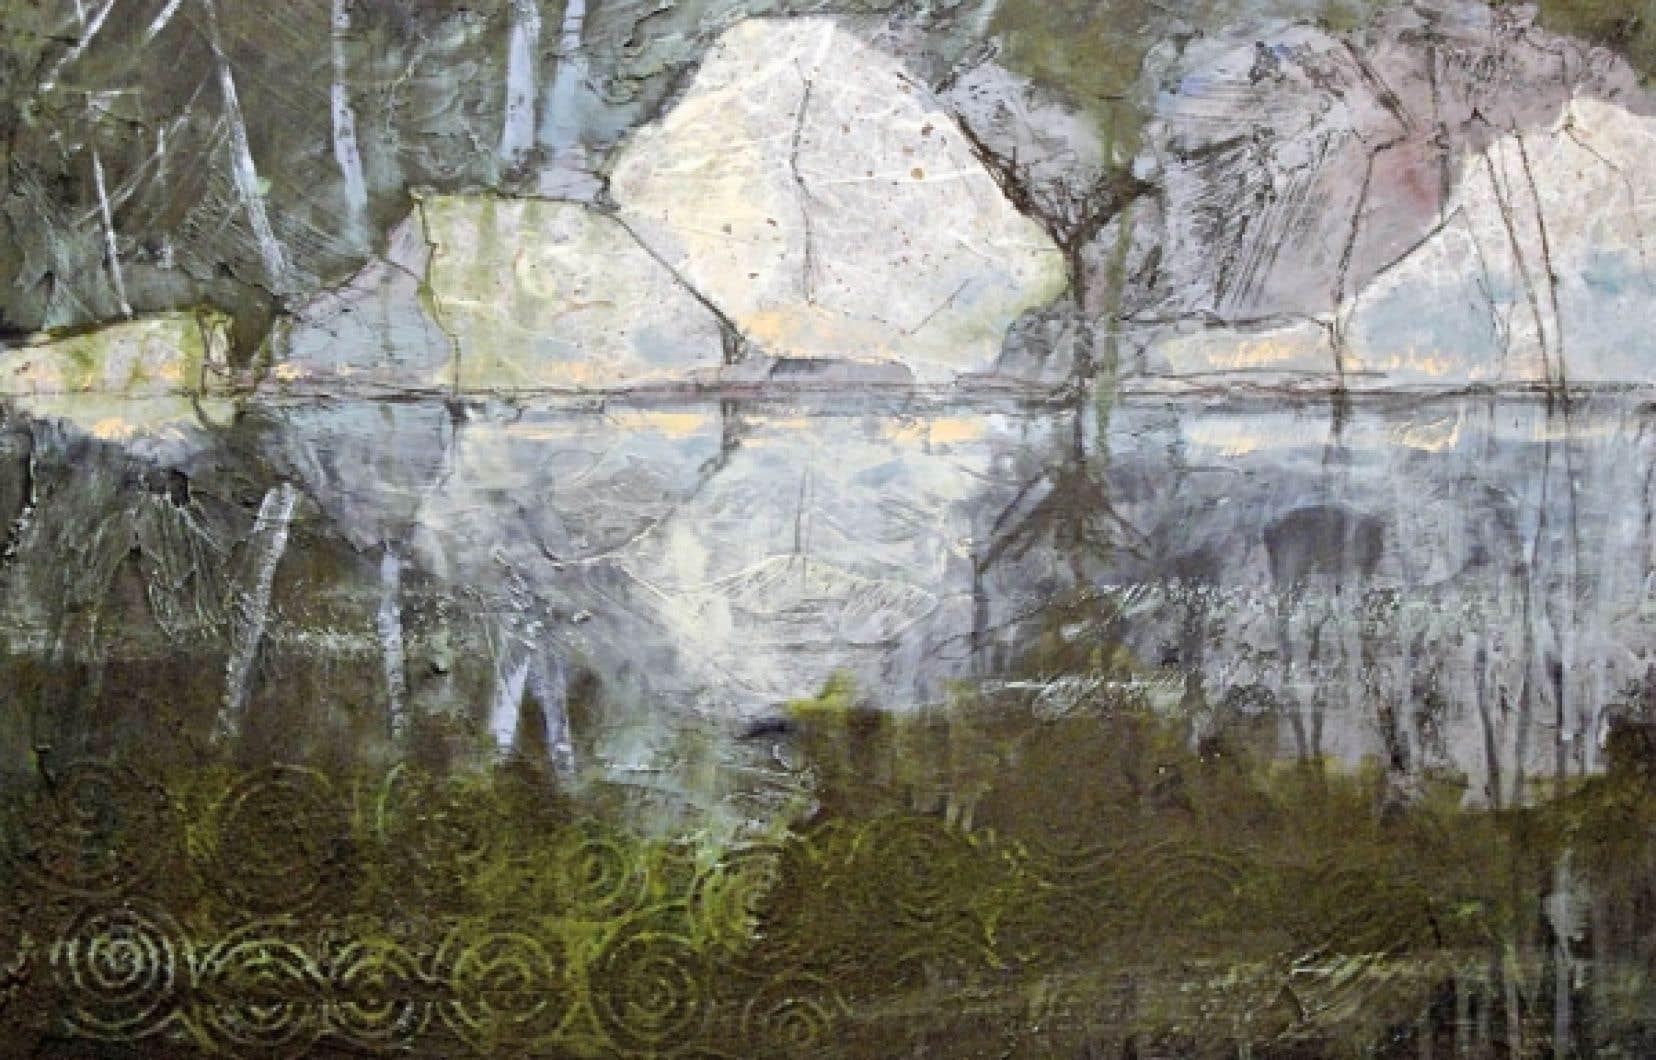 Rocks in Moonlight de Holly Friesen (18 sur 24 pouces, acrylique et techniques mixtes sur panneau, 2011)<br />